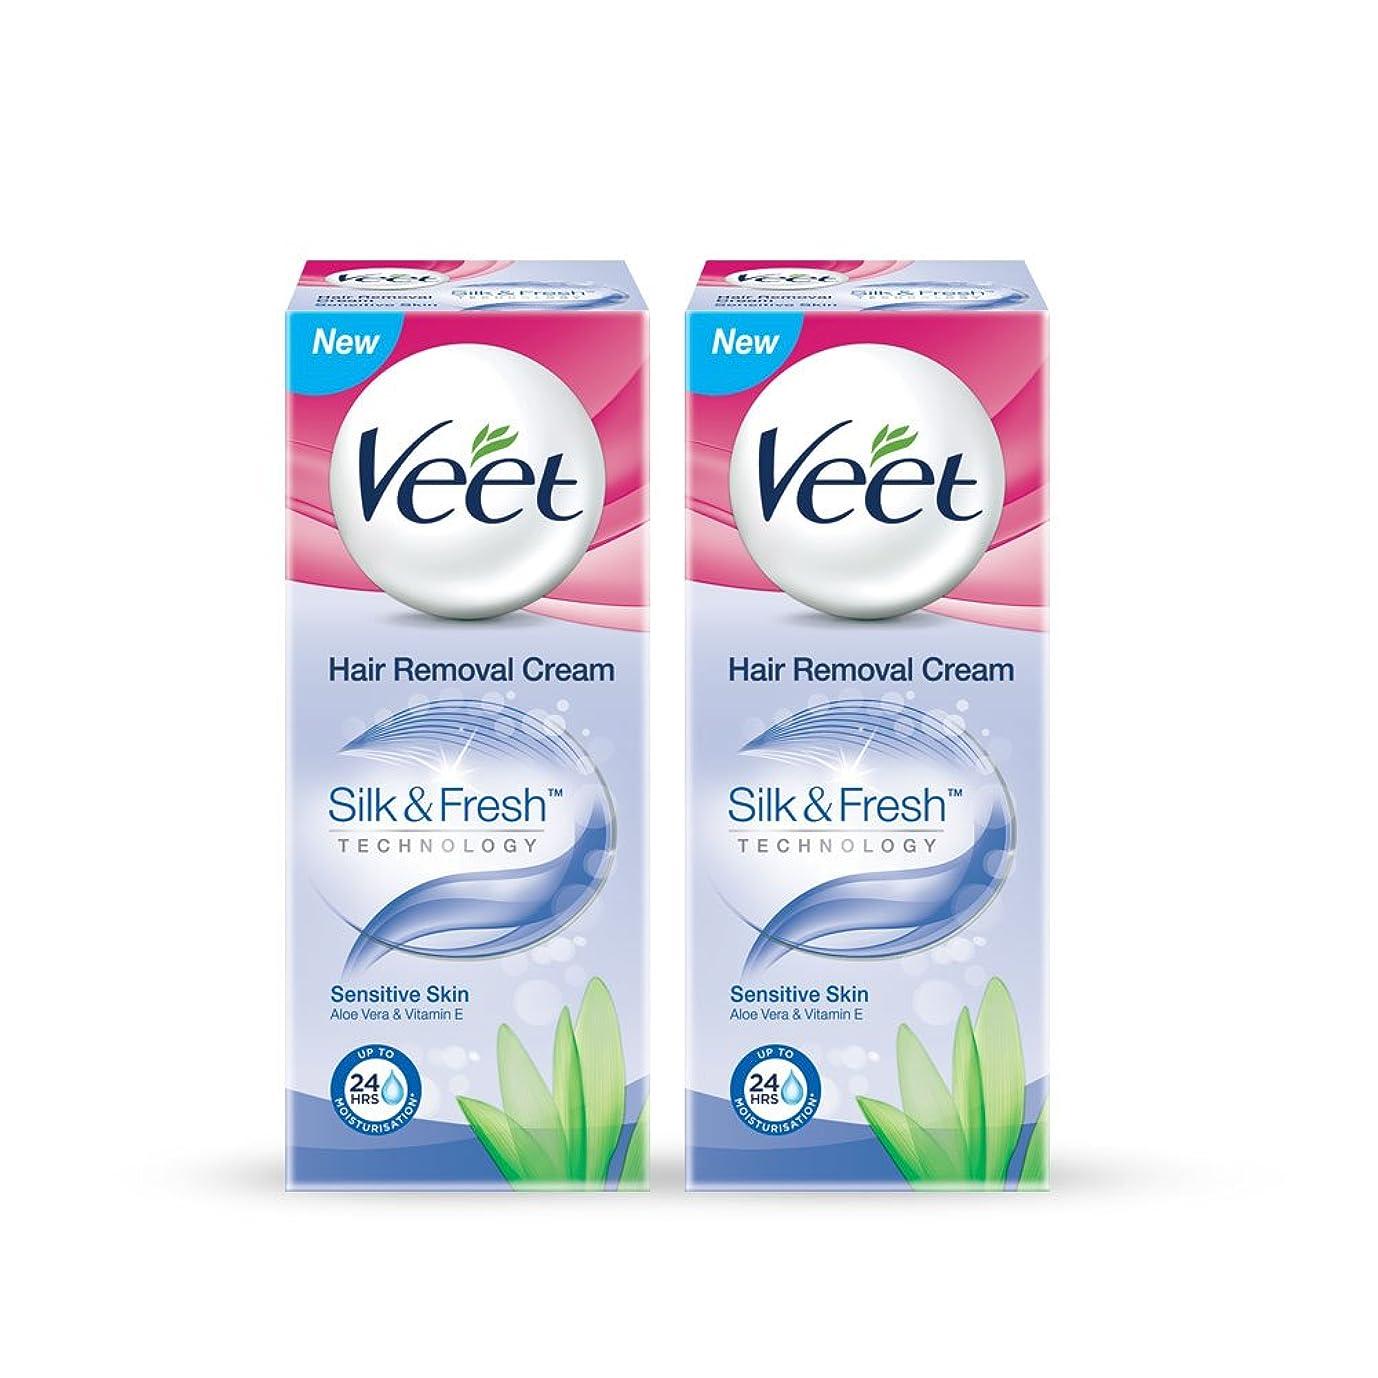 発揮する歩く遅いVeet Hair Removal Gel Cream For Sensitive Skin With Aloe Vera and Vitamin E 25 g (Pack of 2)